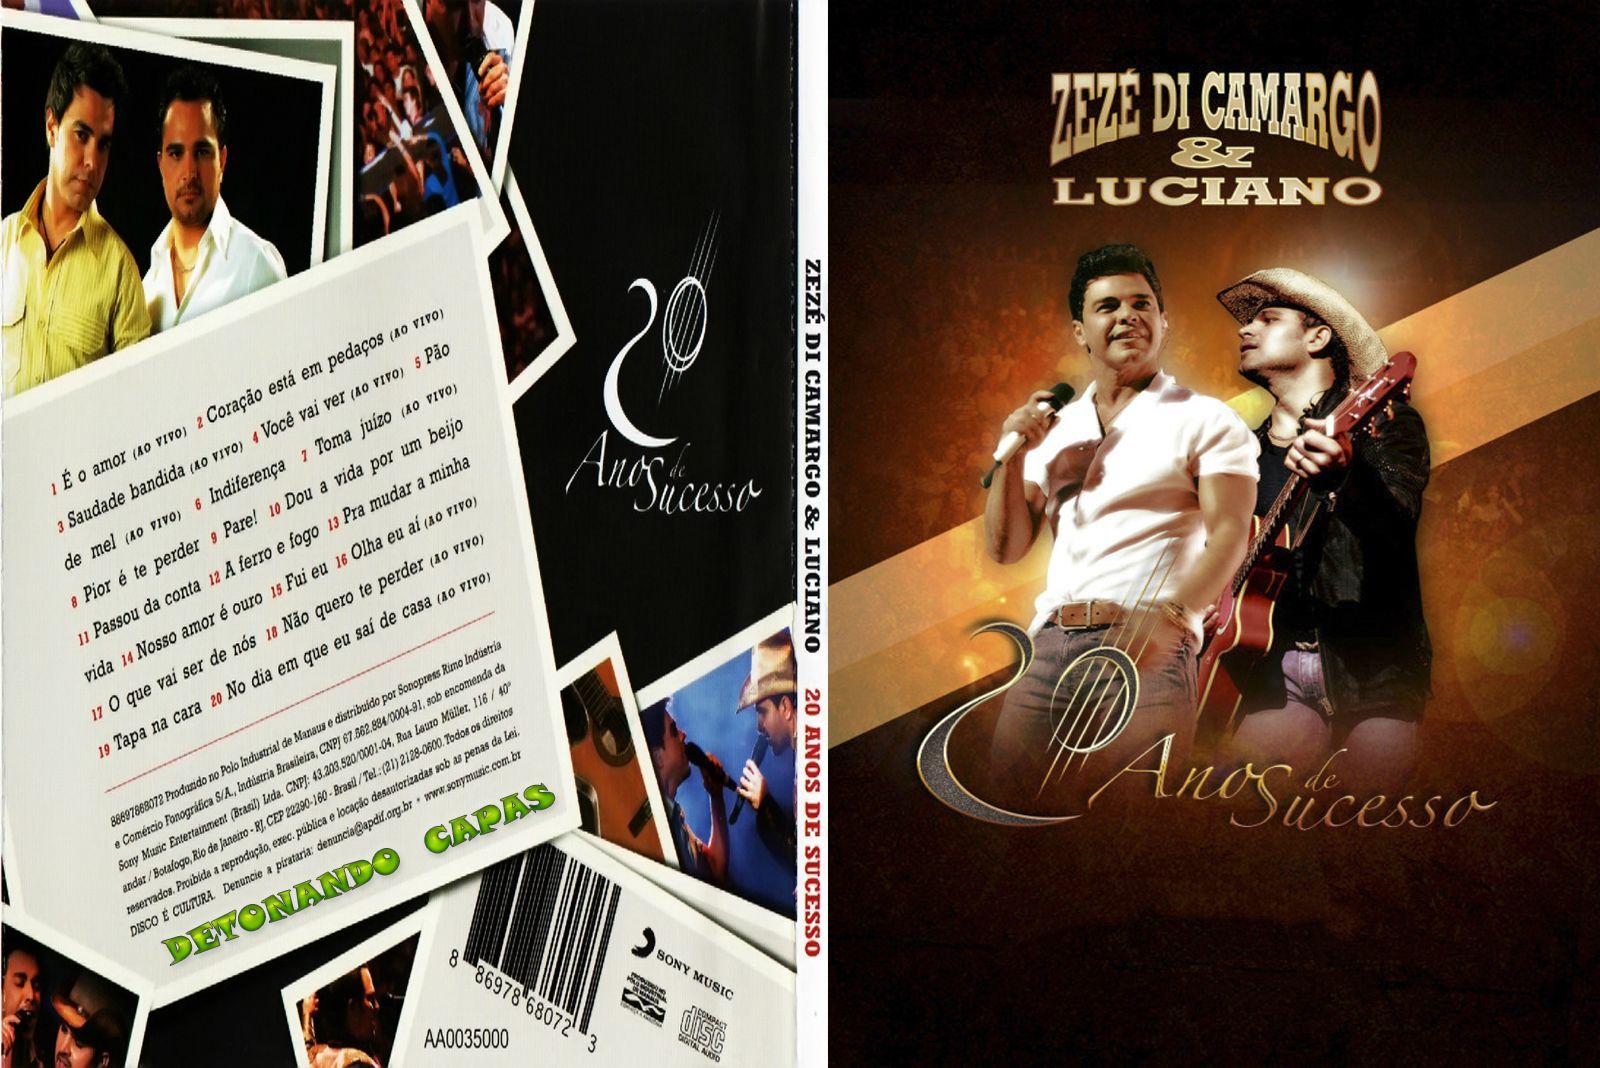 ANOS E 20 CAMARGO DVD-R BAIXAR DI LUCIANO ZEZE